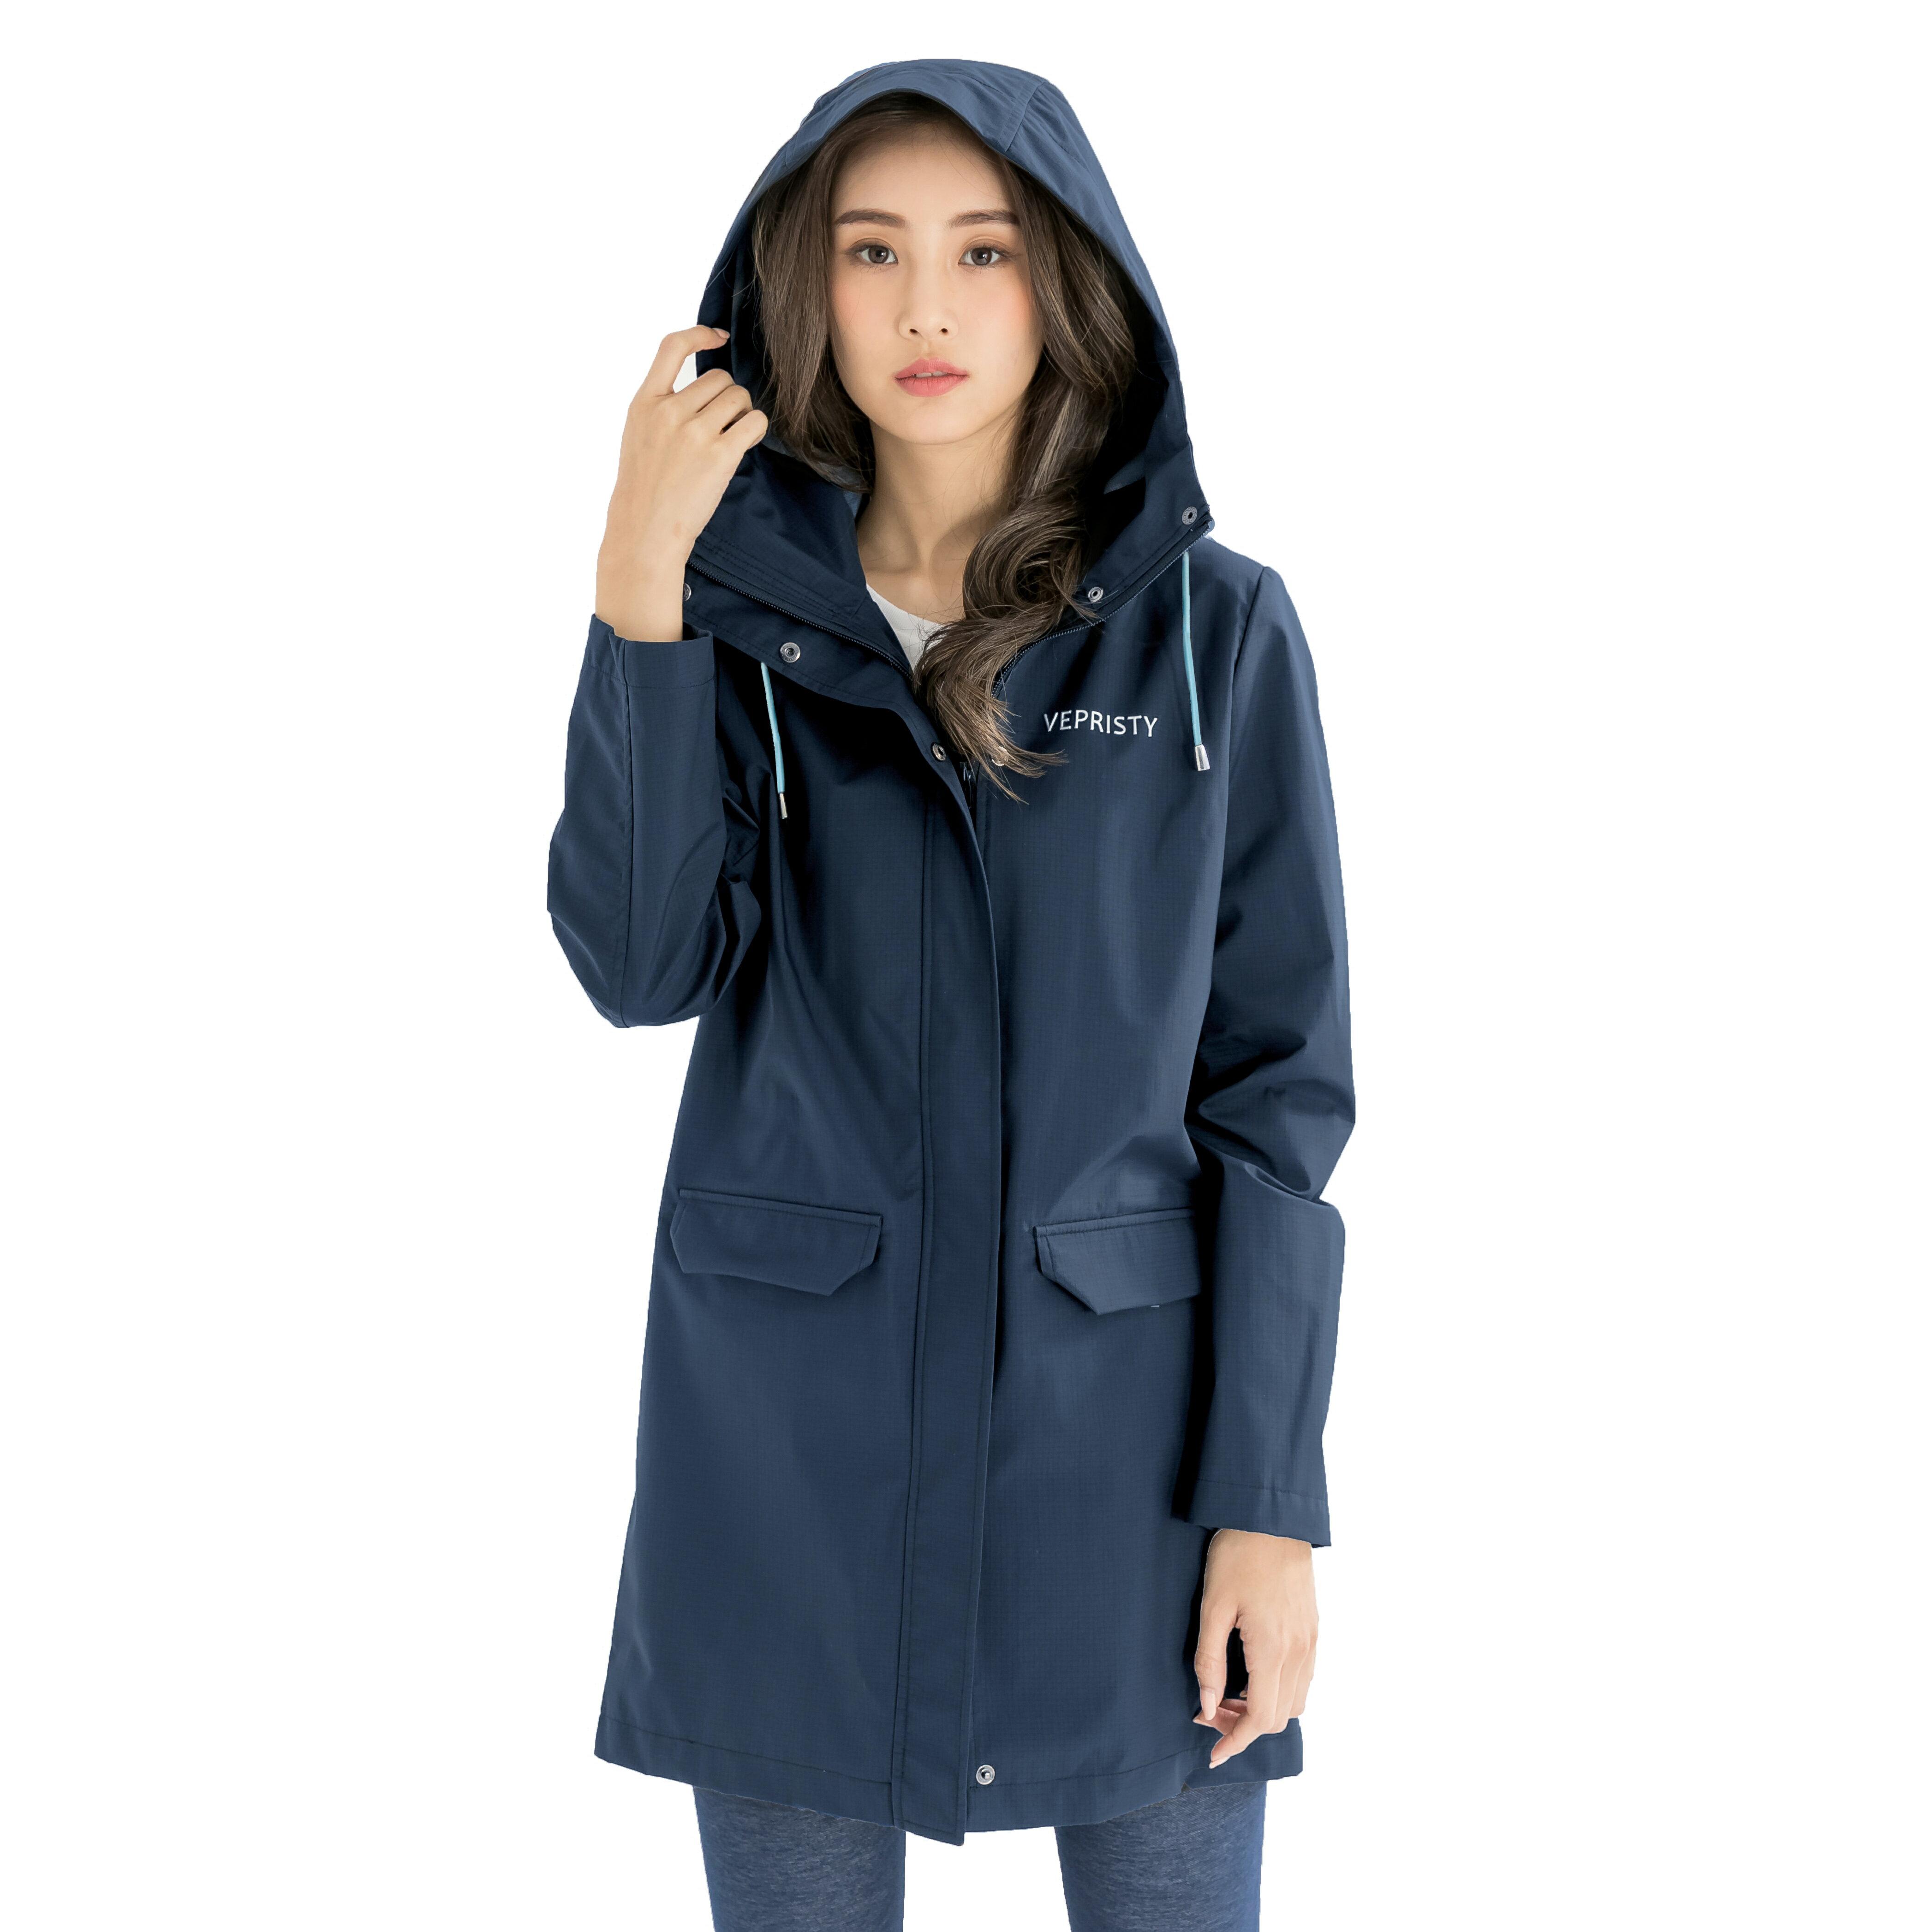 VEPRISTY gore-tex等級防水透氣風衣外套 (水手藍)